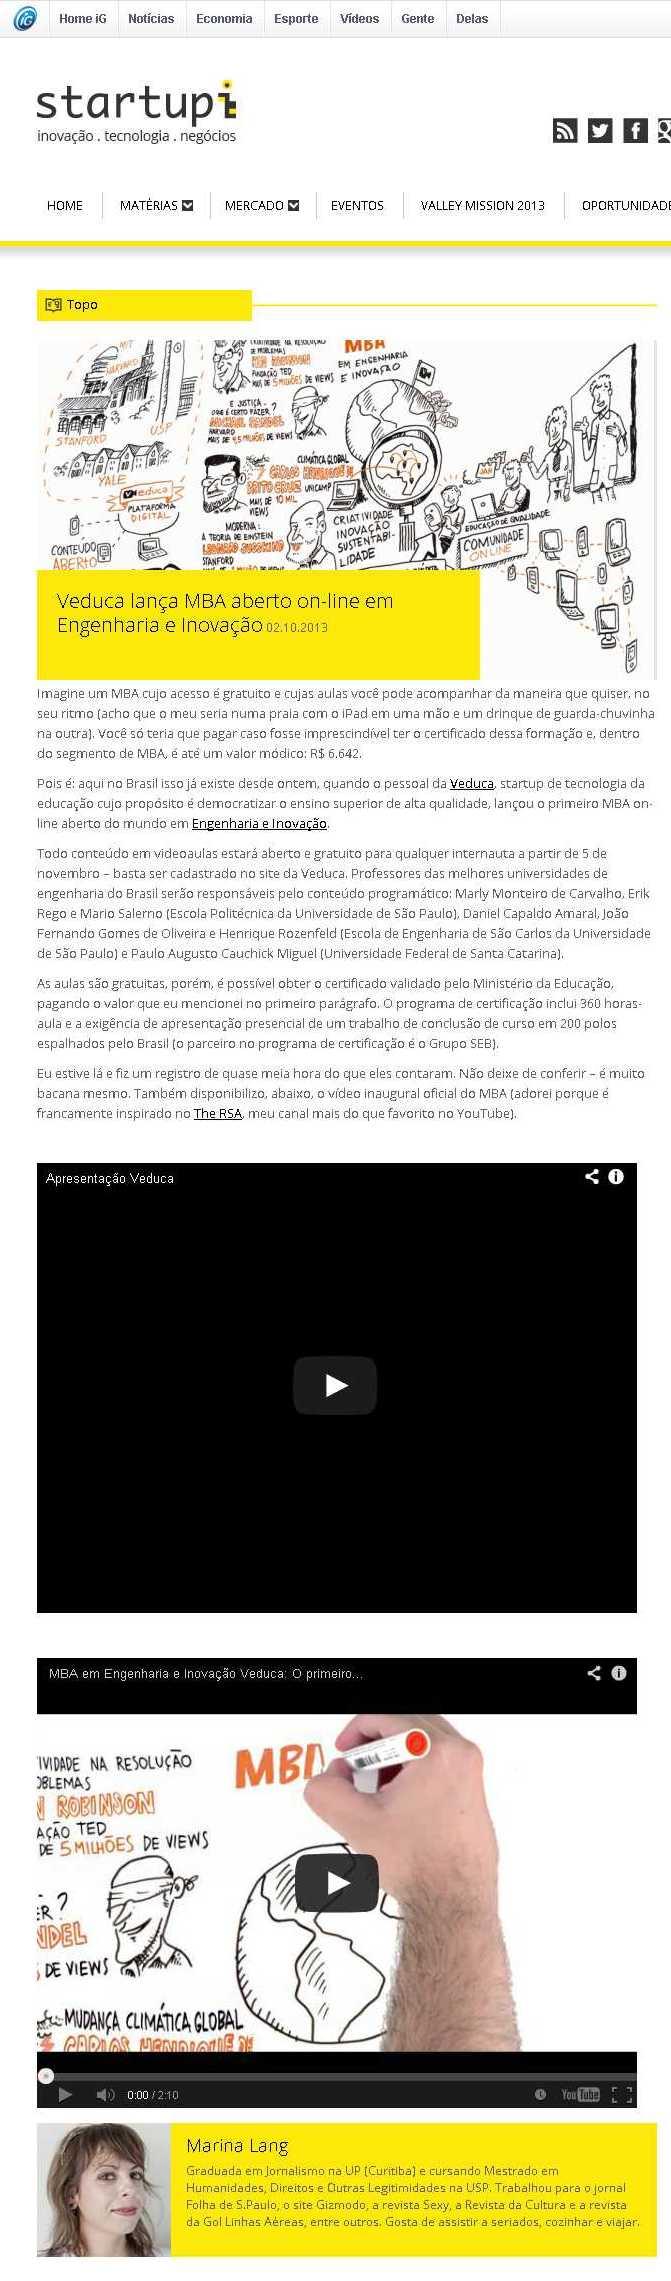 02.10-STARTUPI Veduca lança MBA aberto on-line em Engenharia e Inovação.jpeg